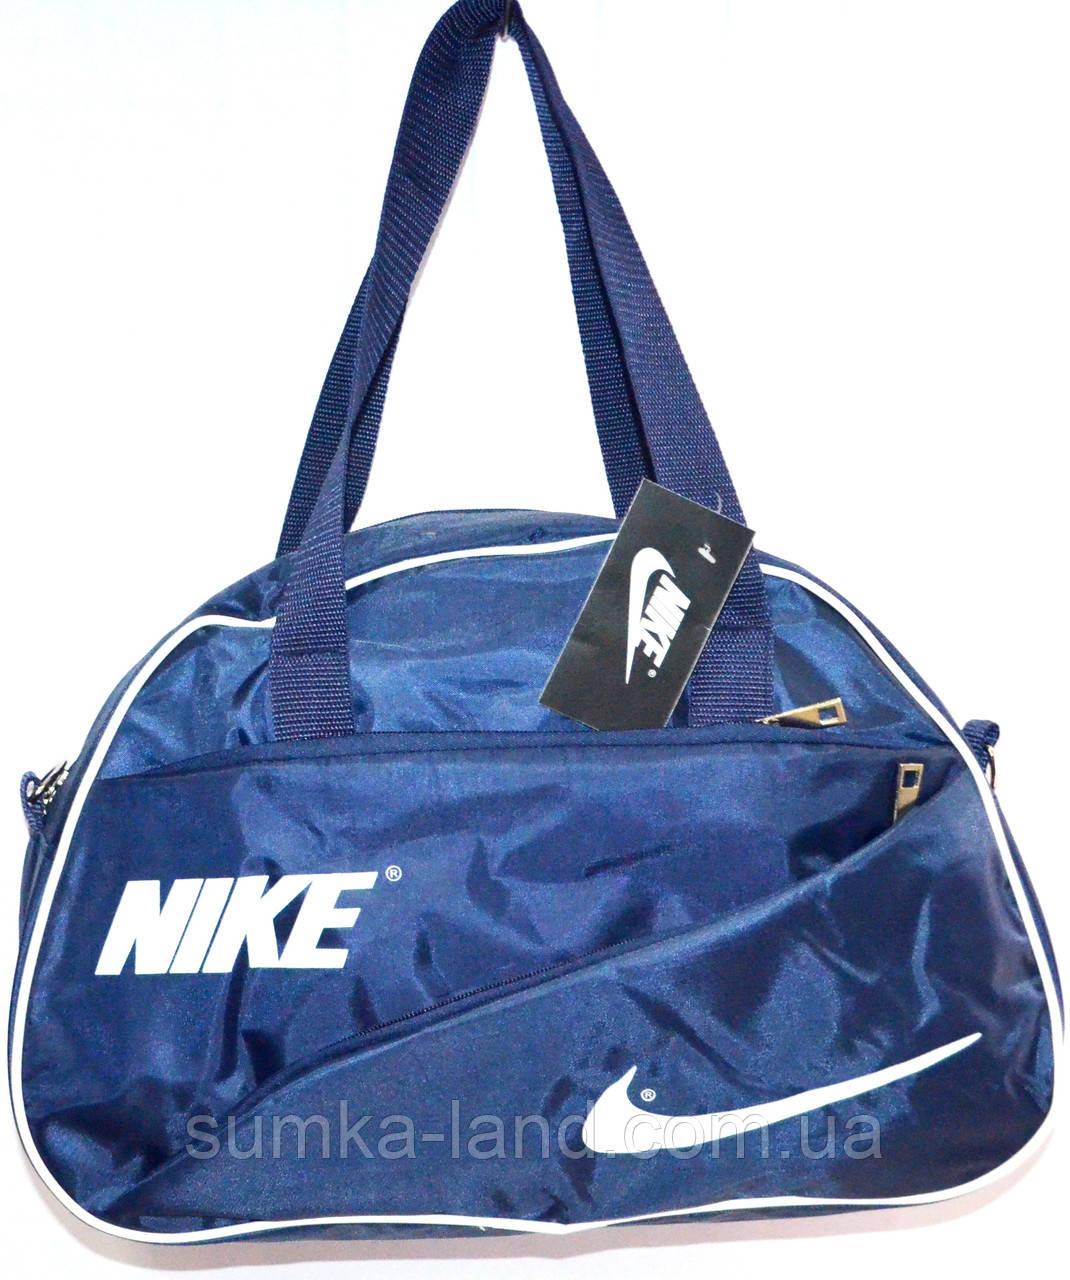 Универсальные спортивные сумки (СИНИЙ - с - БЕЛЫМ)